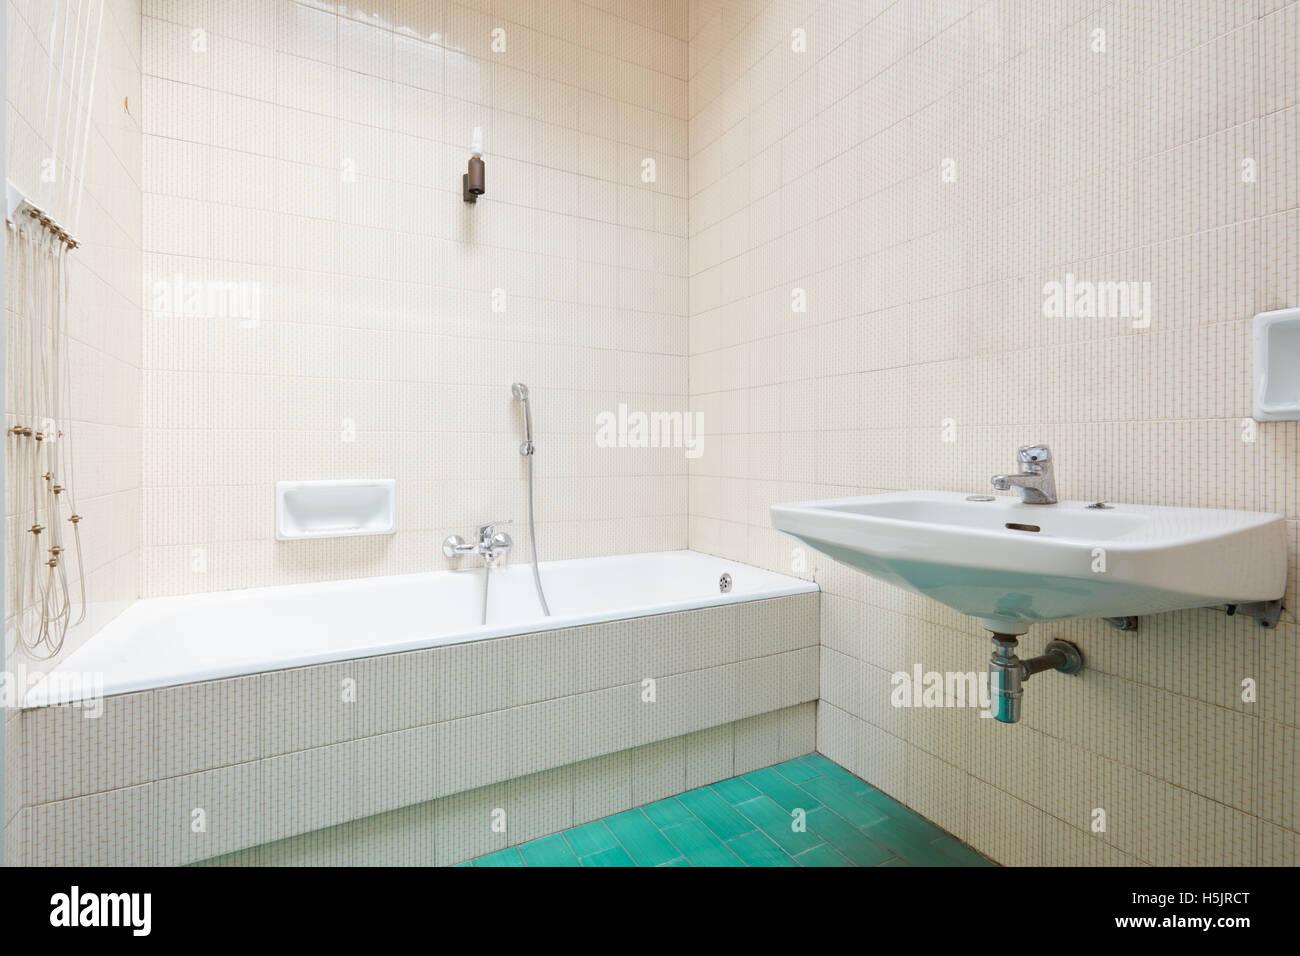 Antico bagno interno rivestito di piastrelle con vasca da bagno